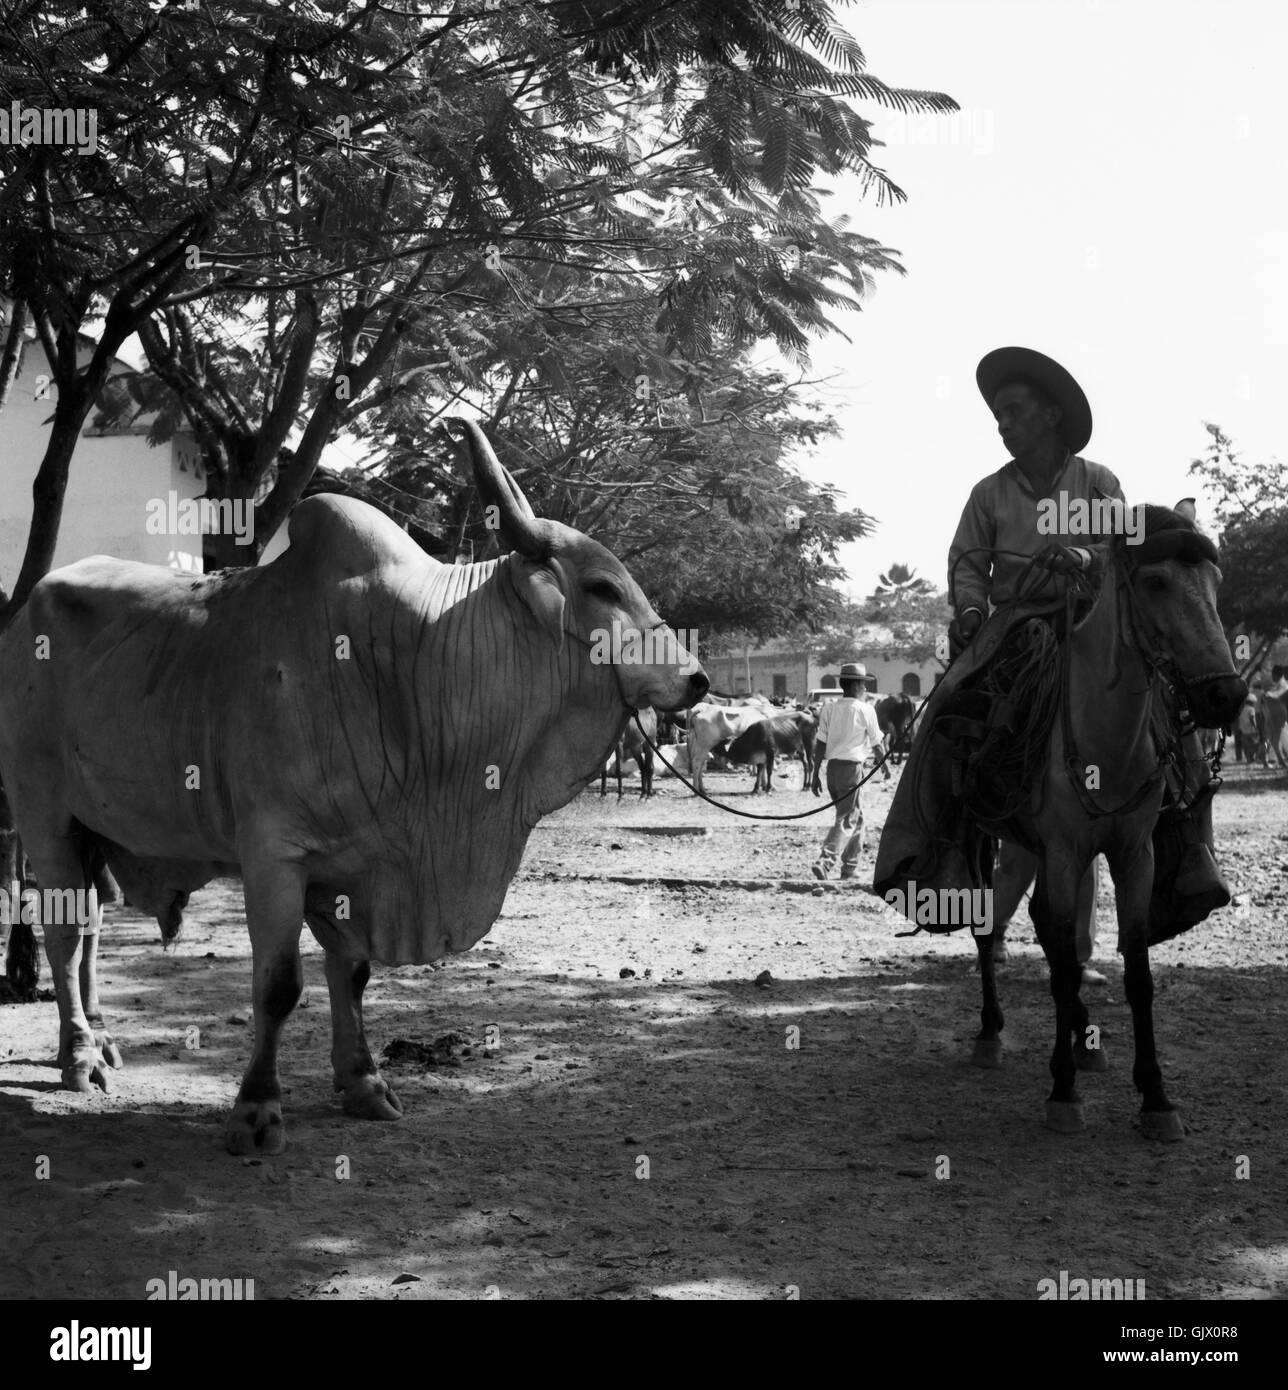 Auf dem Viehmarkt, Kolumbien 1960er Jahre. On the cattle market, Colombia 1960s. Stock Photo